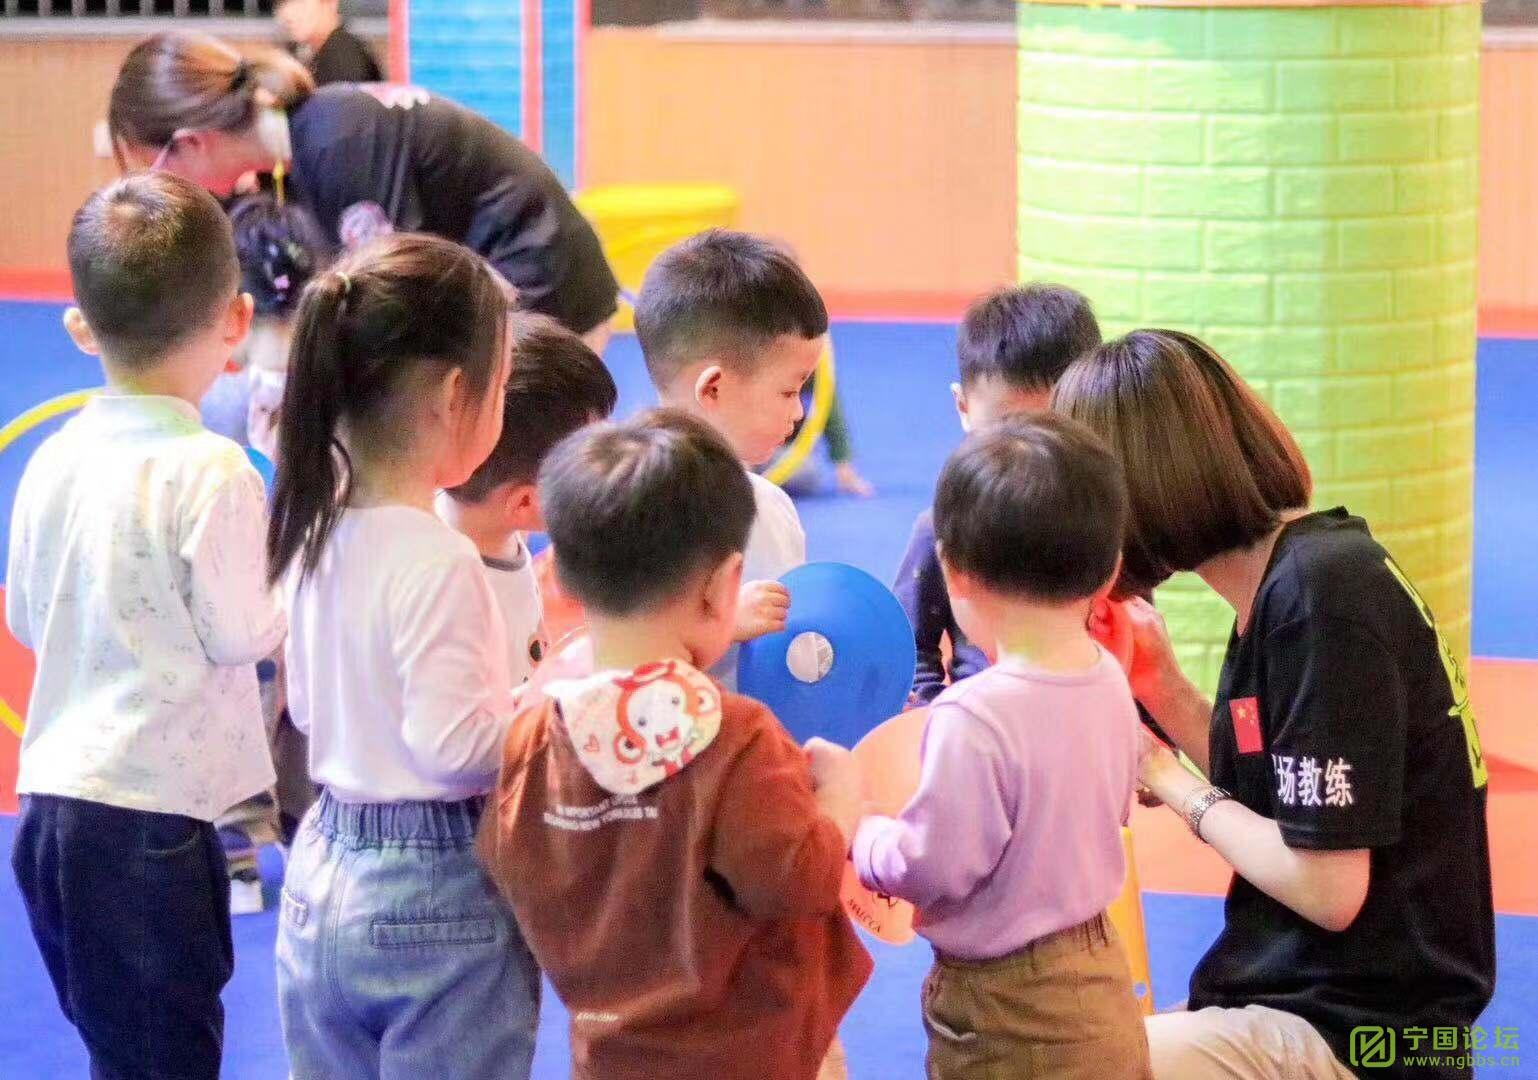 柒月流火儿童体适能活动报名中 - 宁国论坛 - 8036956b62d94496173b8a2b564b300.jpg